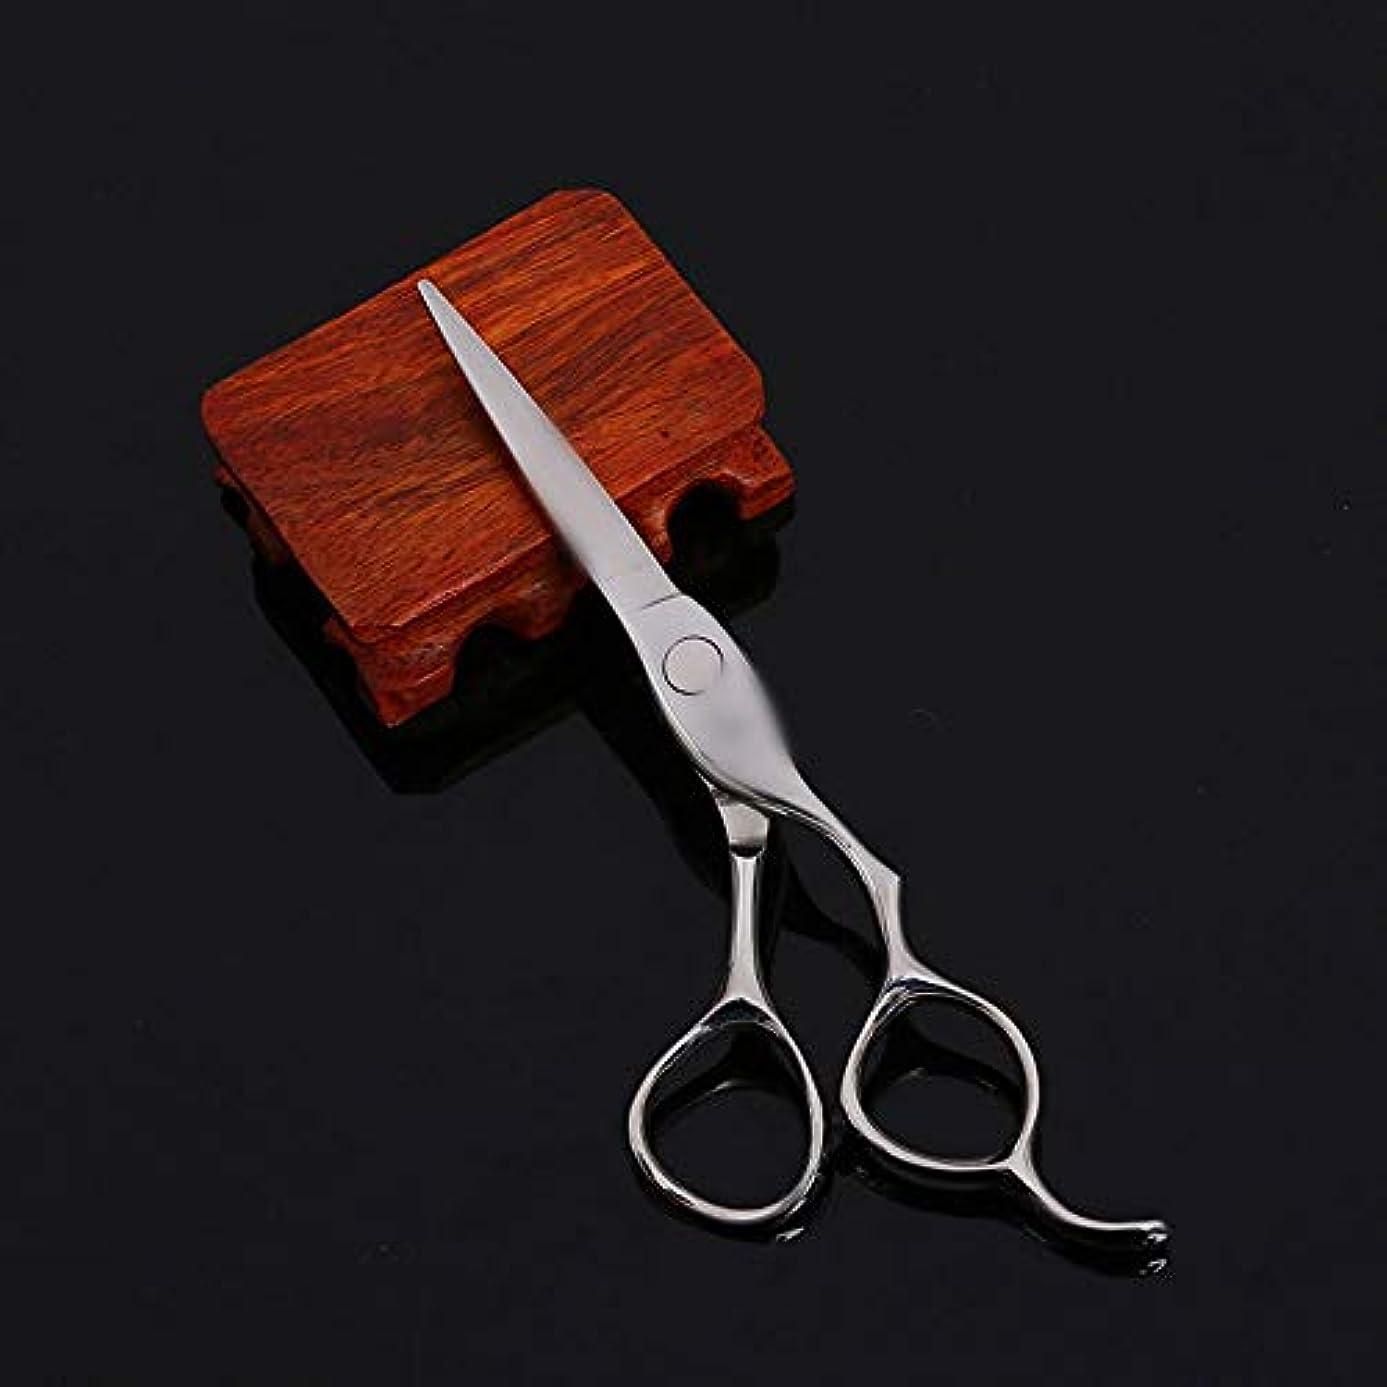 貫通する融合いつも6インチ美容院プロフェッショナルツールAワードダブルストレートフラット理髪はさみツール ヘアケア (色 : Silver)